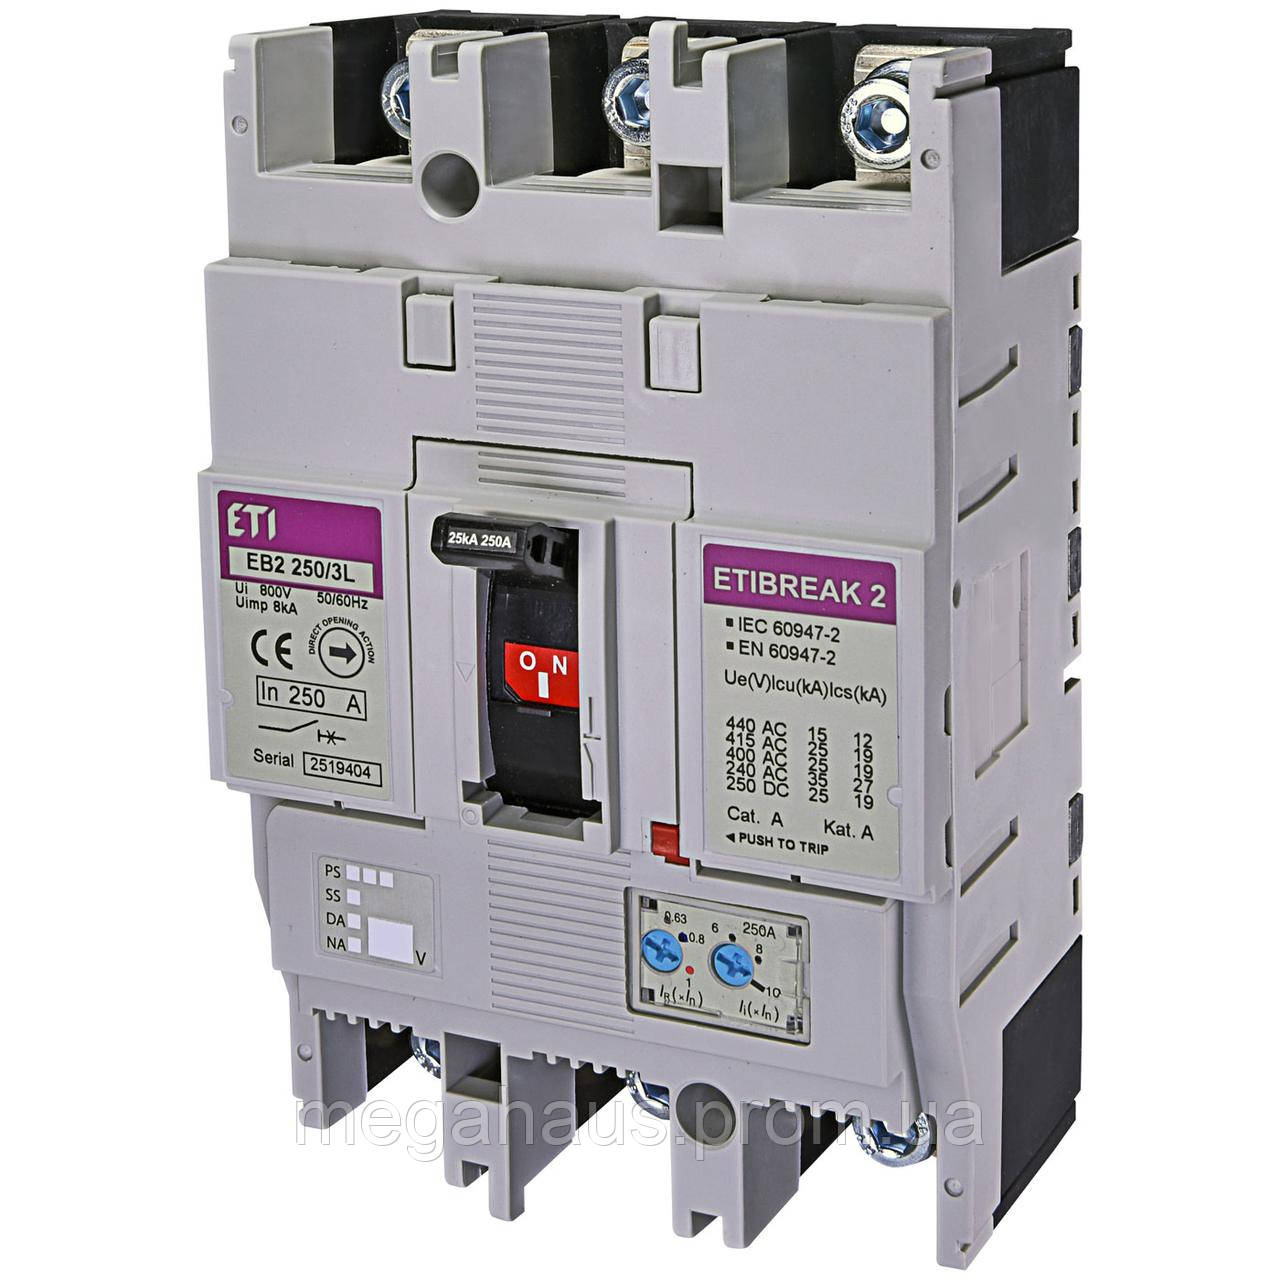 Промышленный автоматический выключатель ETI ETIBREAK  EB2 250/3L 250А 3р (25кА)